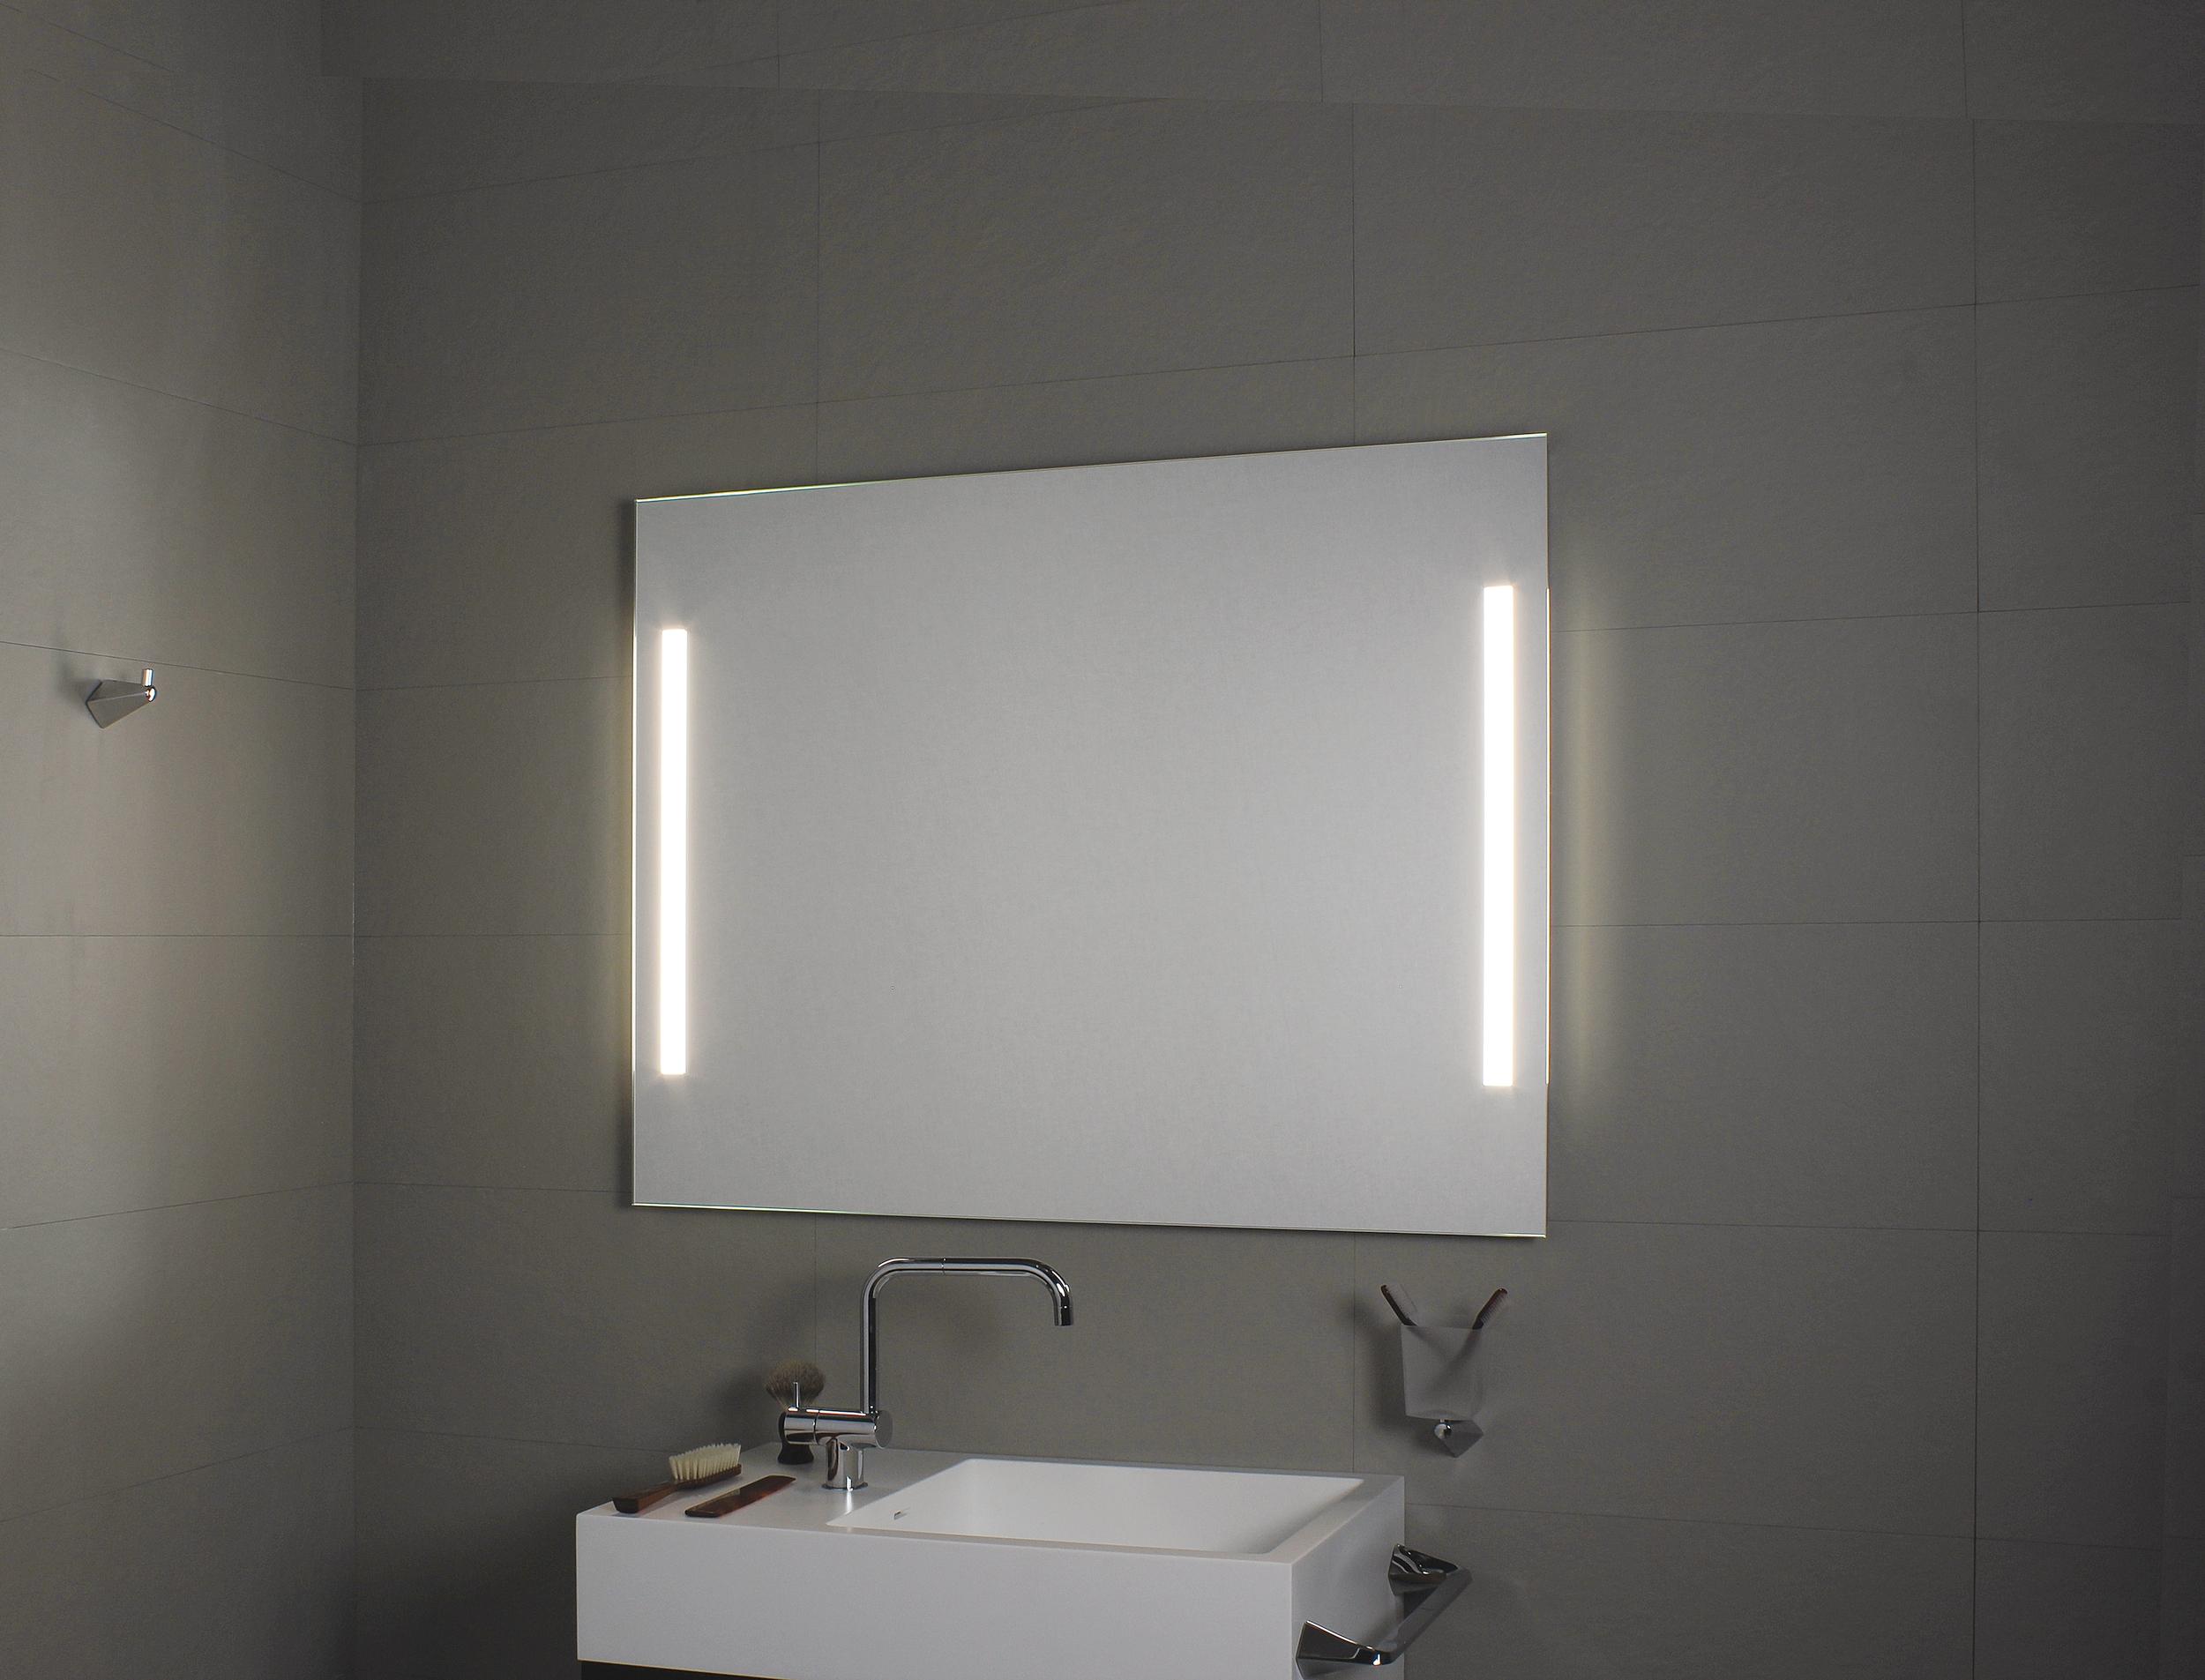 koh i noor illuminazione laterale t5 spiegel mit seitlicher spiegelbeleuchtung 800 x 800 mm 45726. Black Bedroom Furniture Sets. Home Design Ideas